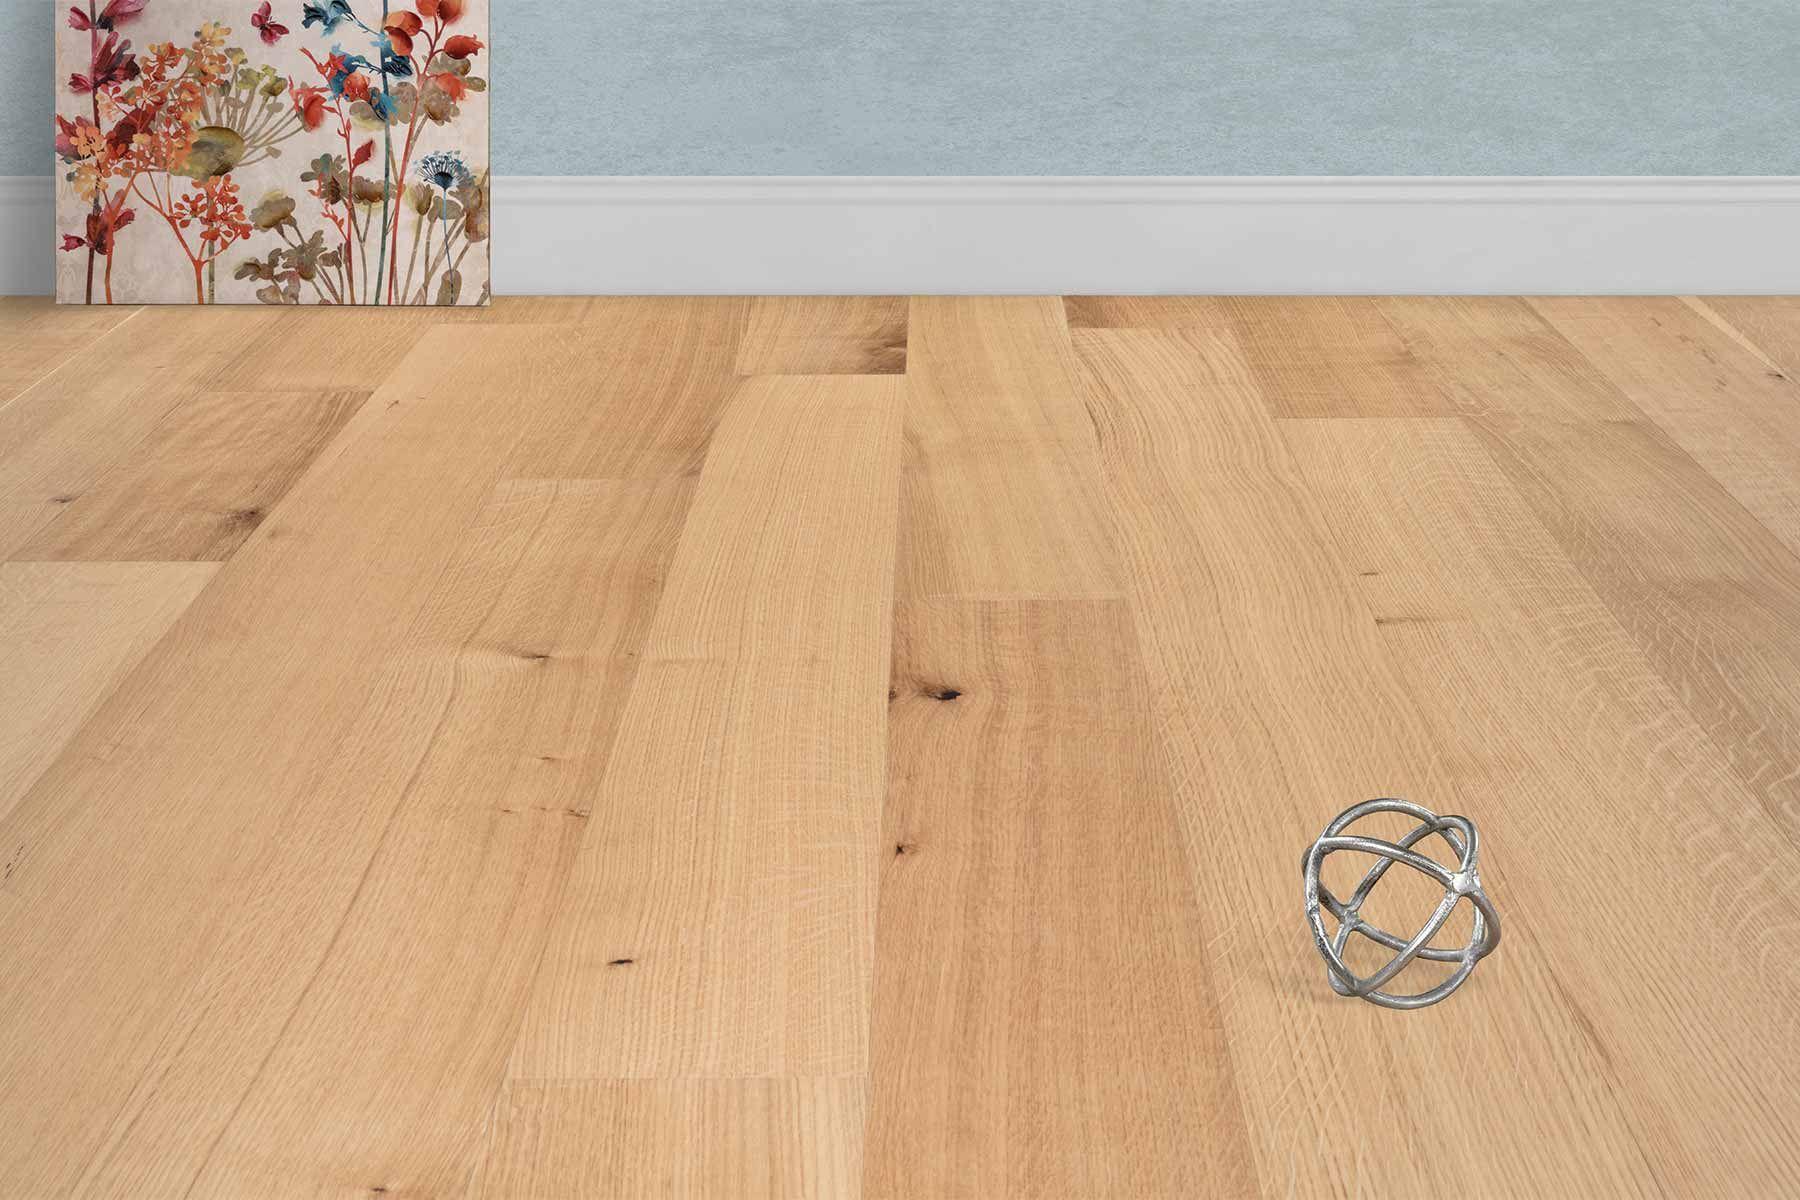 Eco Timber 7 Natural White Oak Rift Quartered White Oak Hardwood Flooring